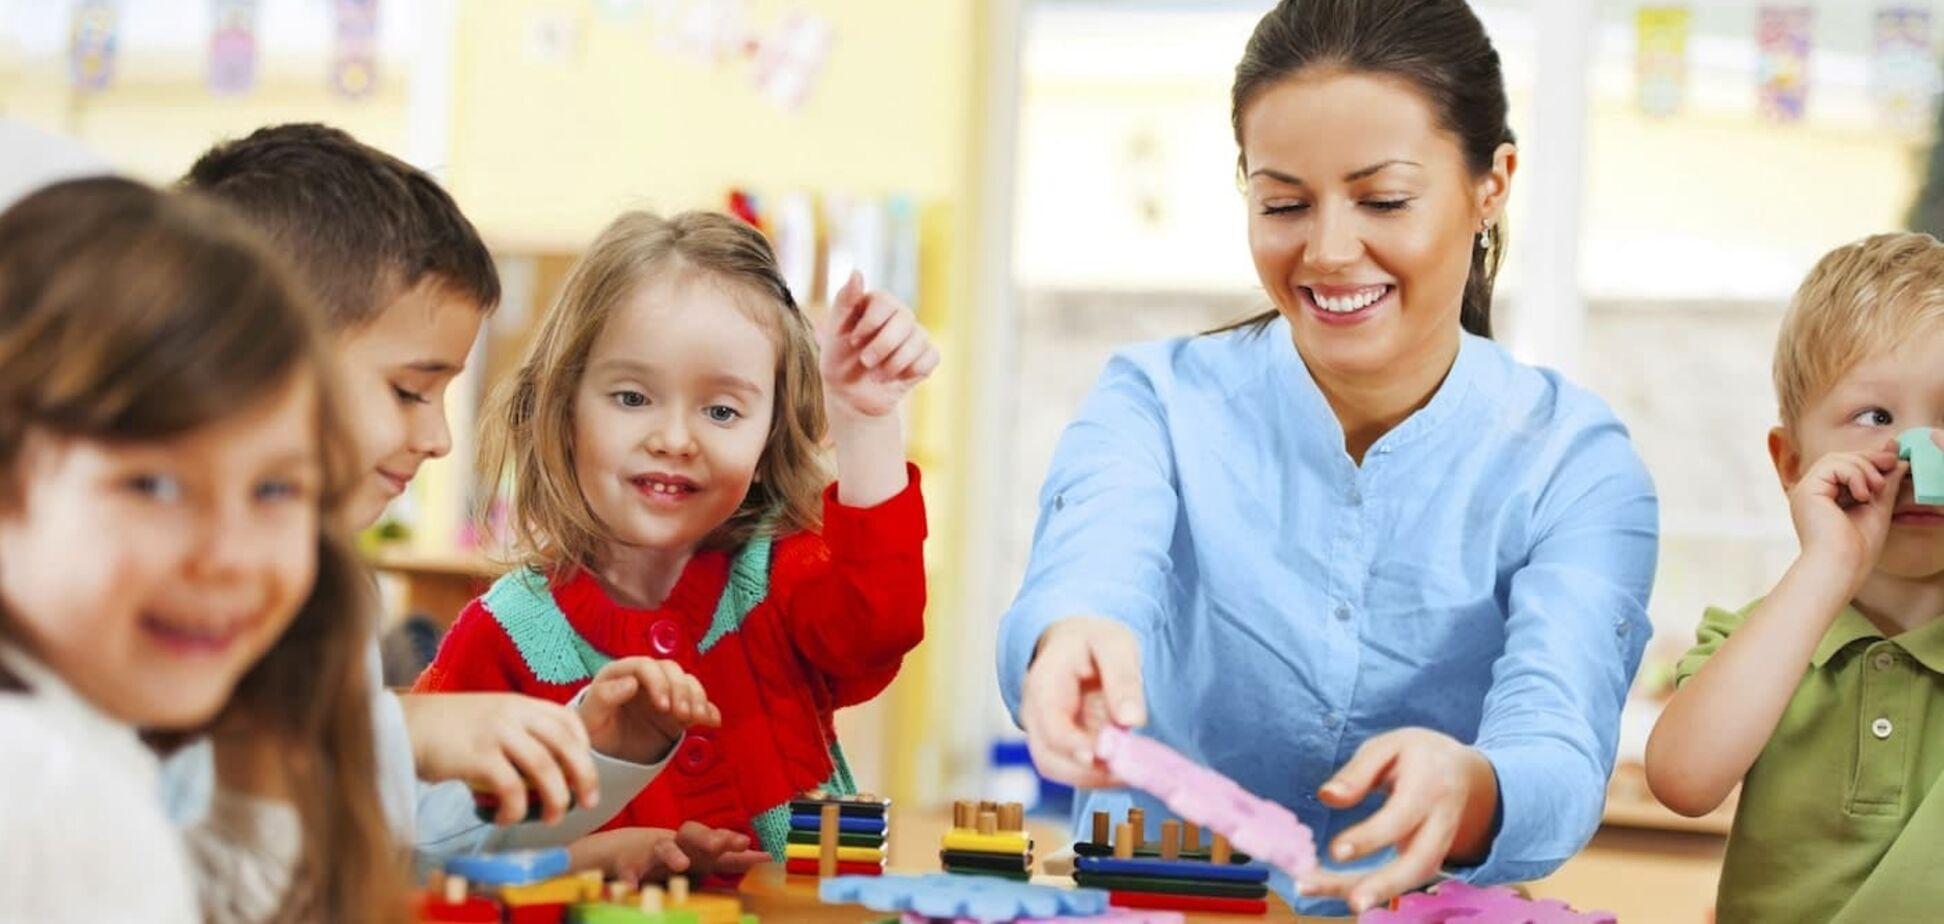 В День воспитателя поздравляют всех работников дошкольных образовательных учреждений